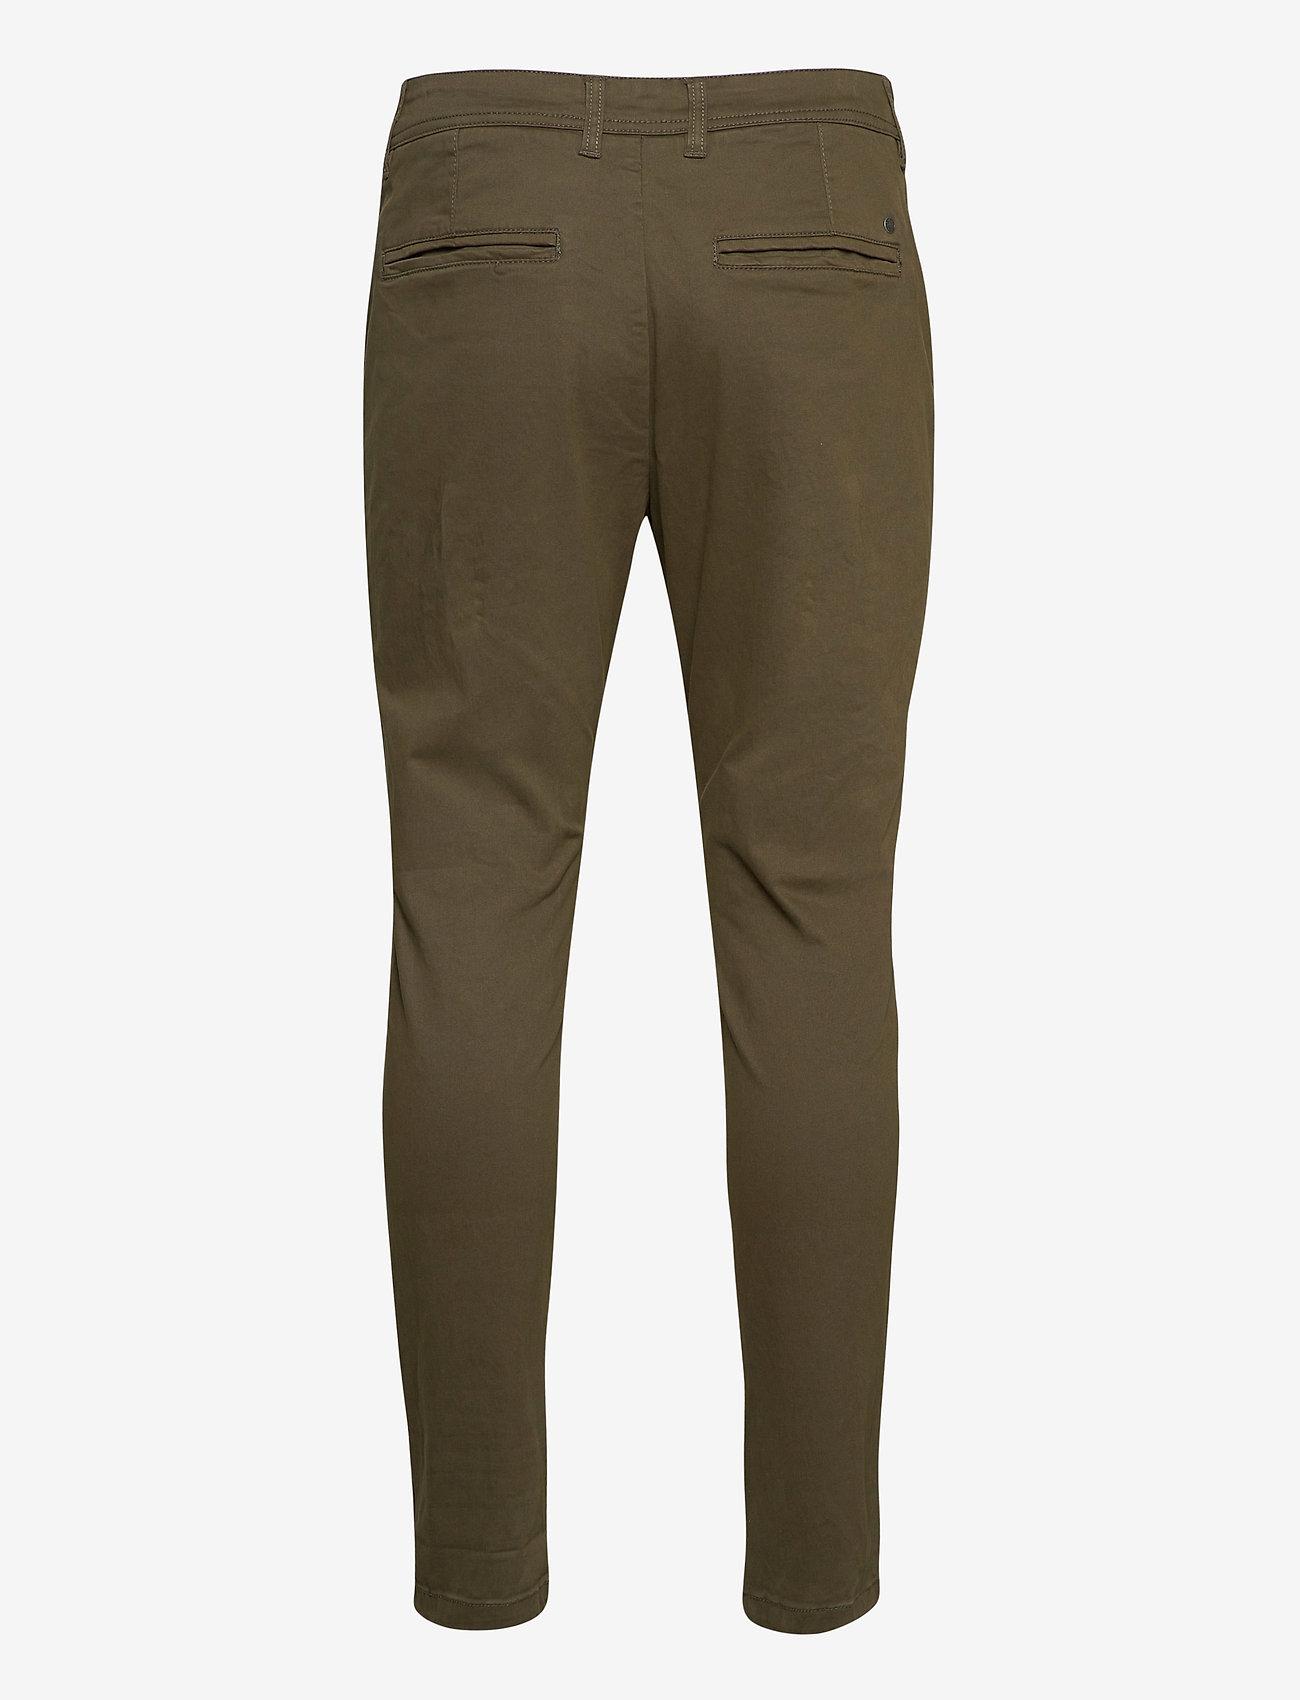 Solid 6208601, Pants - SDJim - Bukser FOREST NIG - Menn Klær